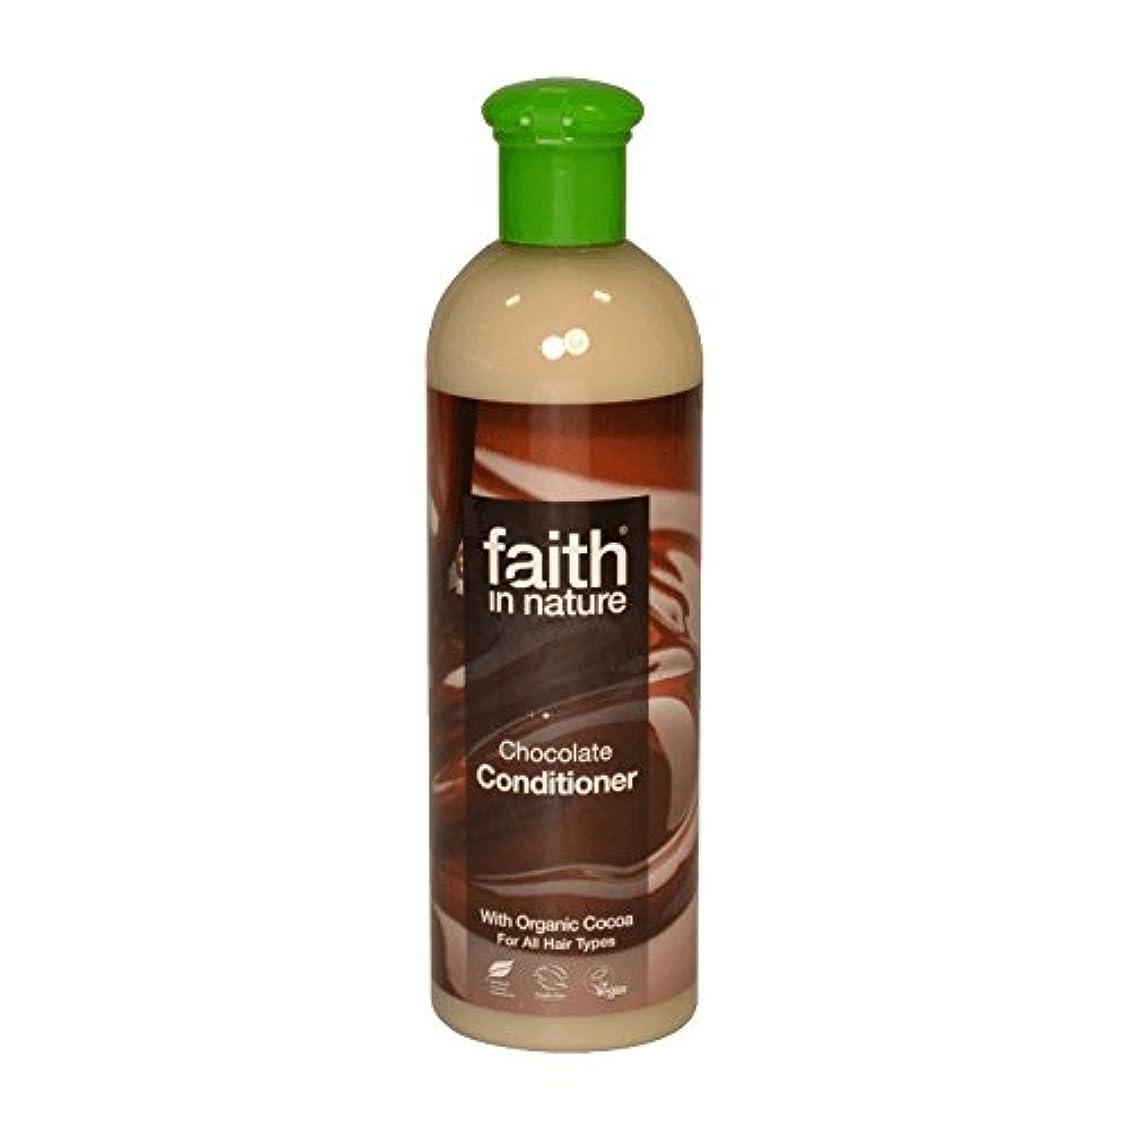 塊収まる凍結自然チョコレートコンディショナー400ミリリットルの信仰 - Faith In Nature Chocolate Conditioner 400ml (Faith in Nature) [並行輸入品]